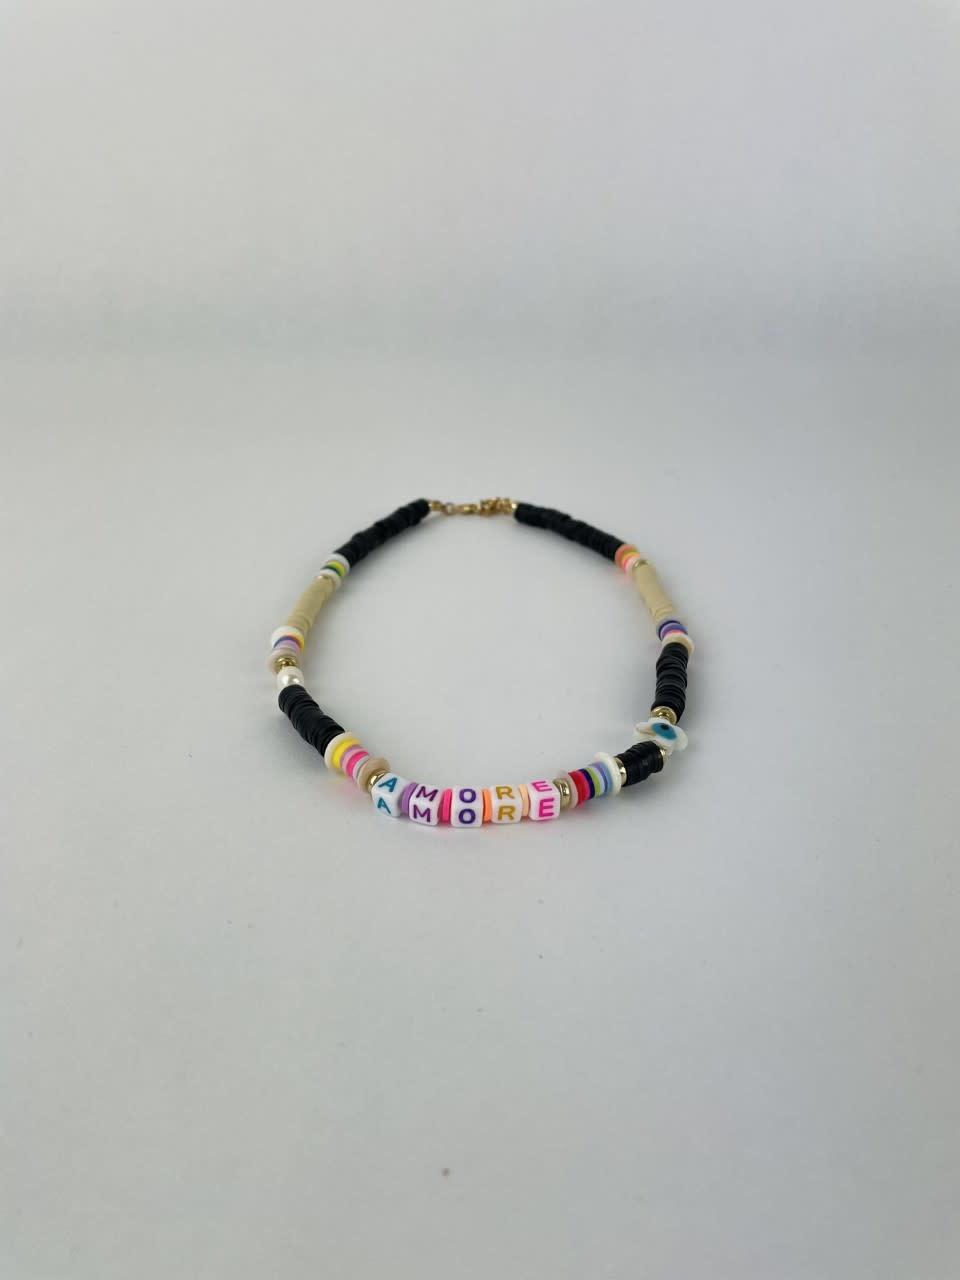 Rubberia fantasy necklace Black-1